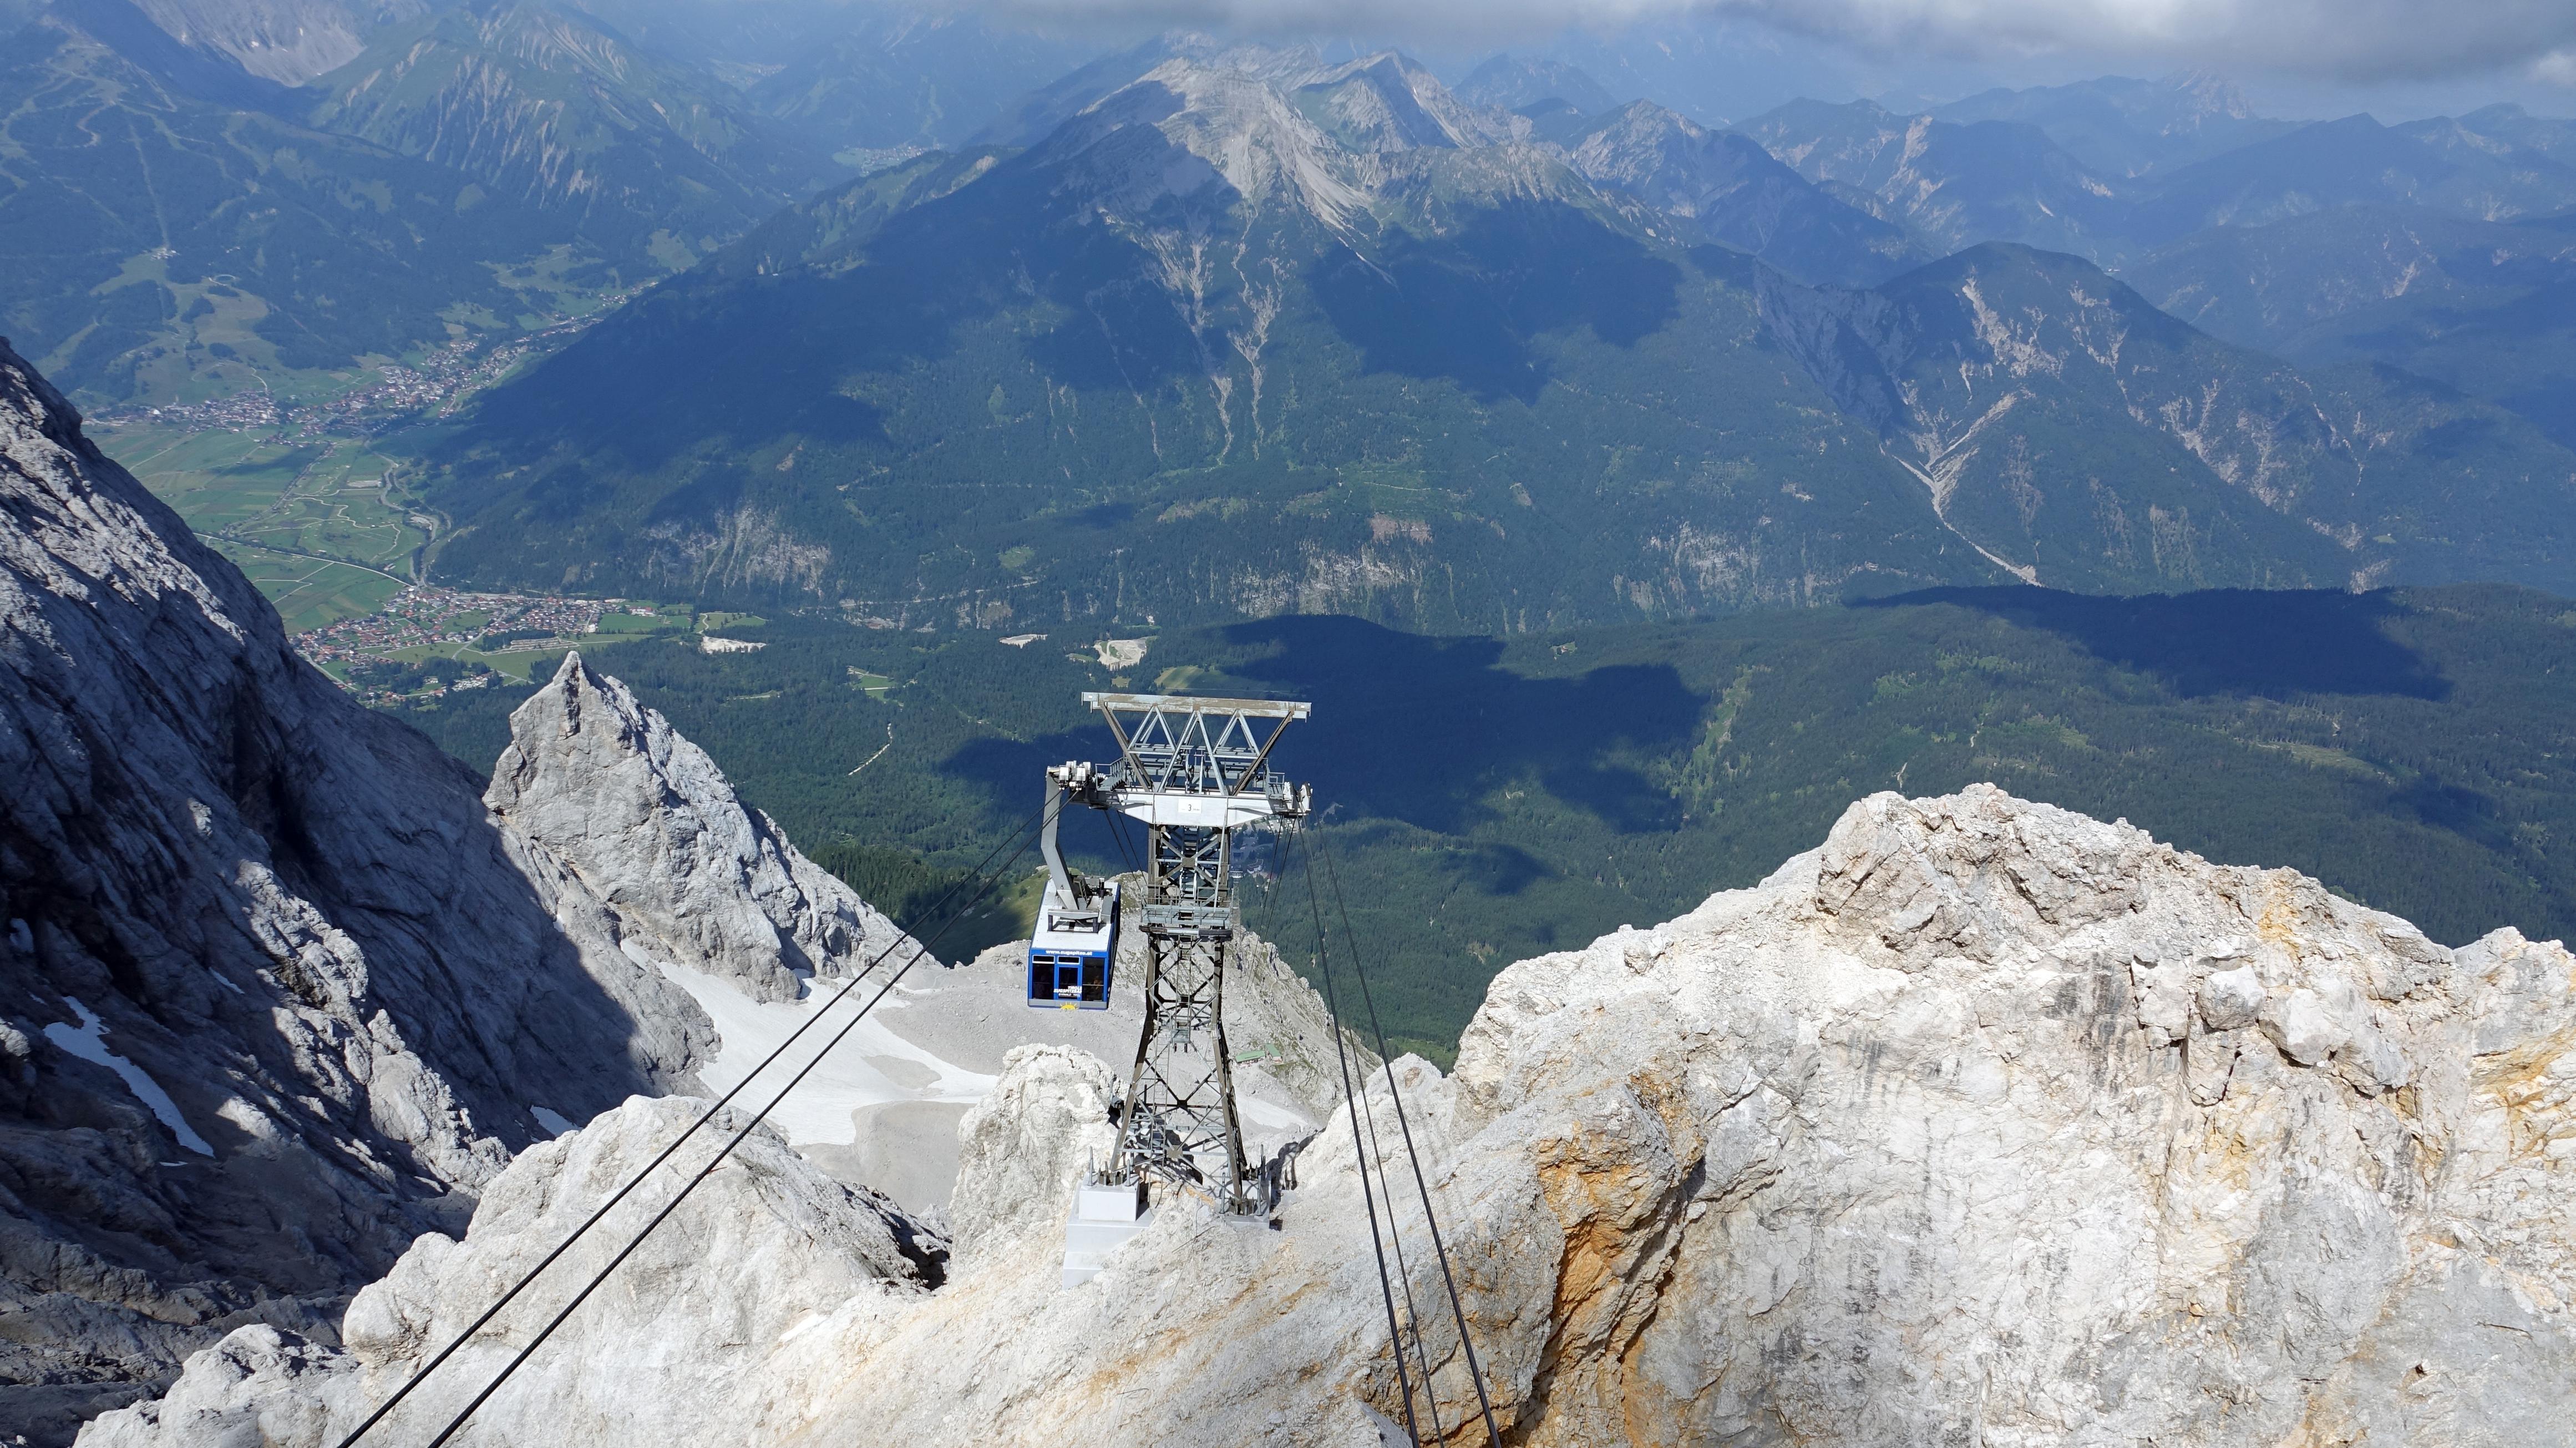 Blick auf einen Stützpfeiler der Tiroler Zugspitzbahn